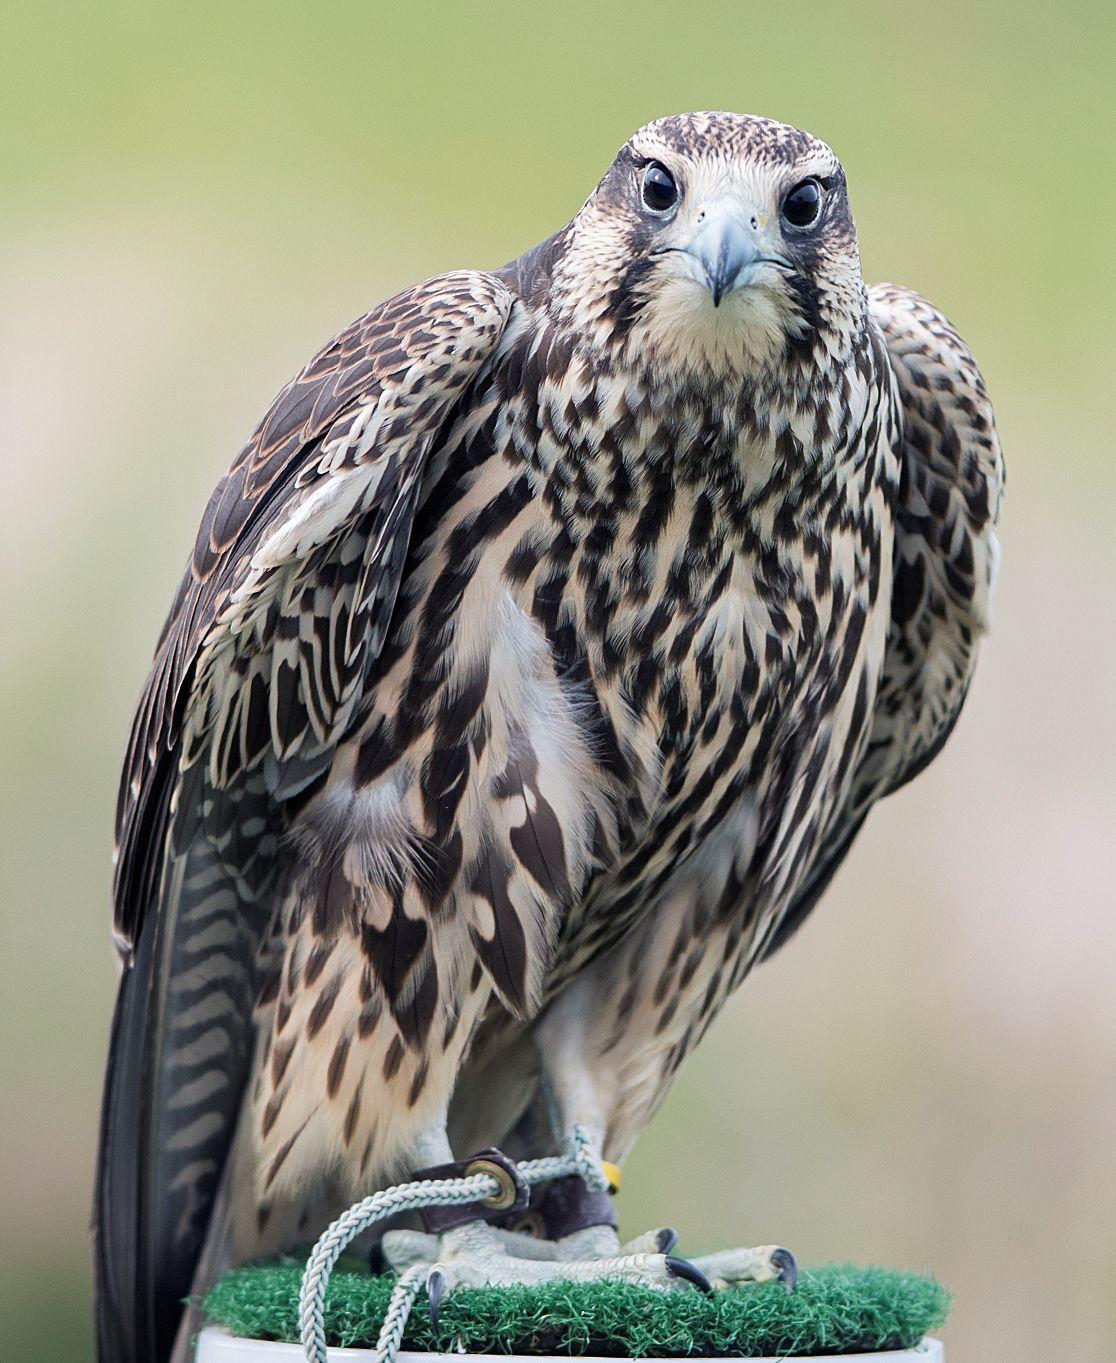 Seneca Meadows Landfill Announces Names Of Baby Falcons Local News Auburnpub Com